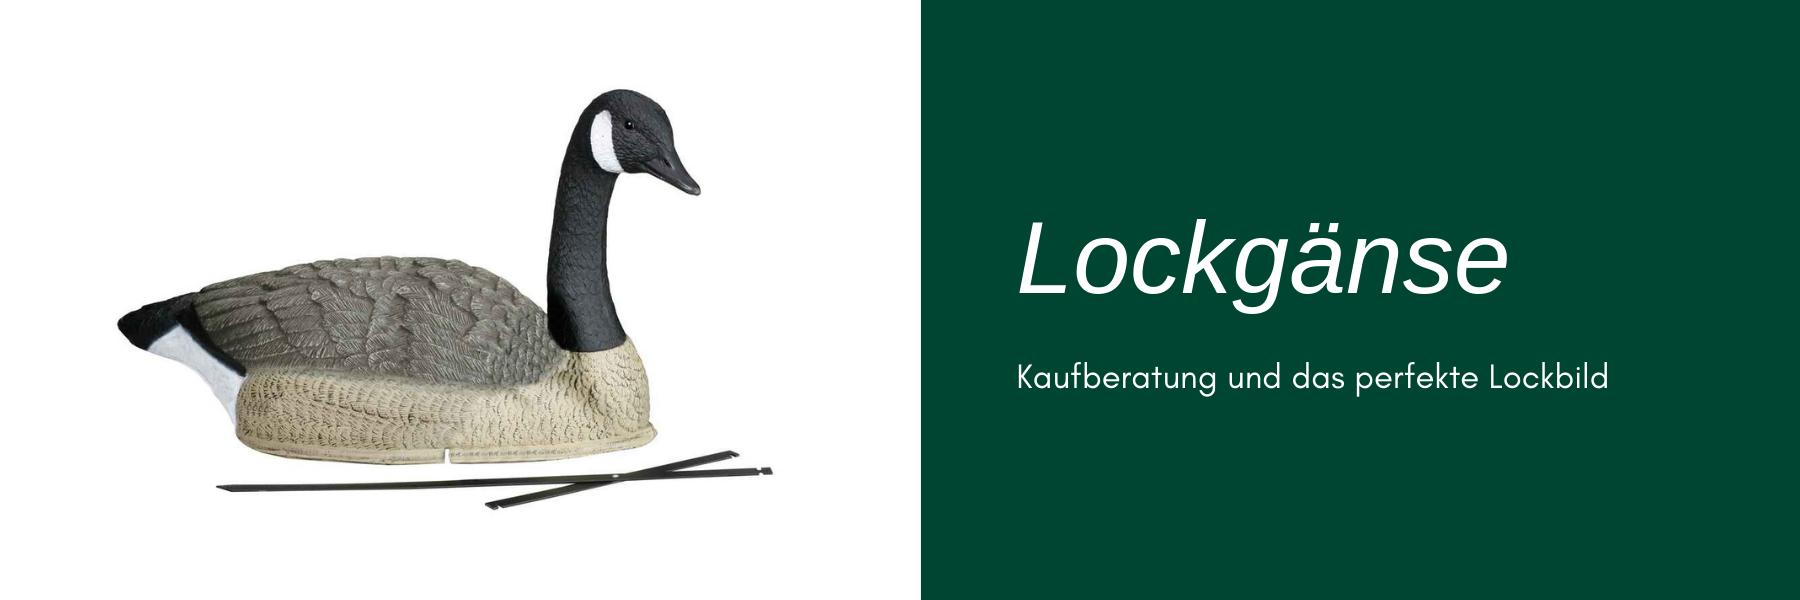 Lockgänse - Kaufberatung und das perfekte Lockbild